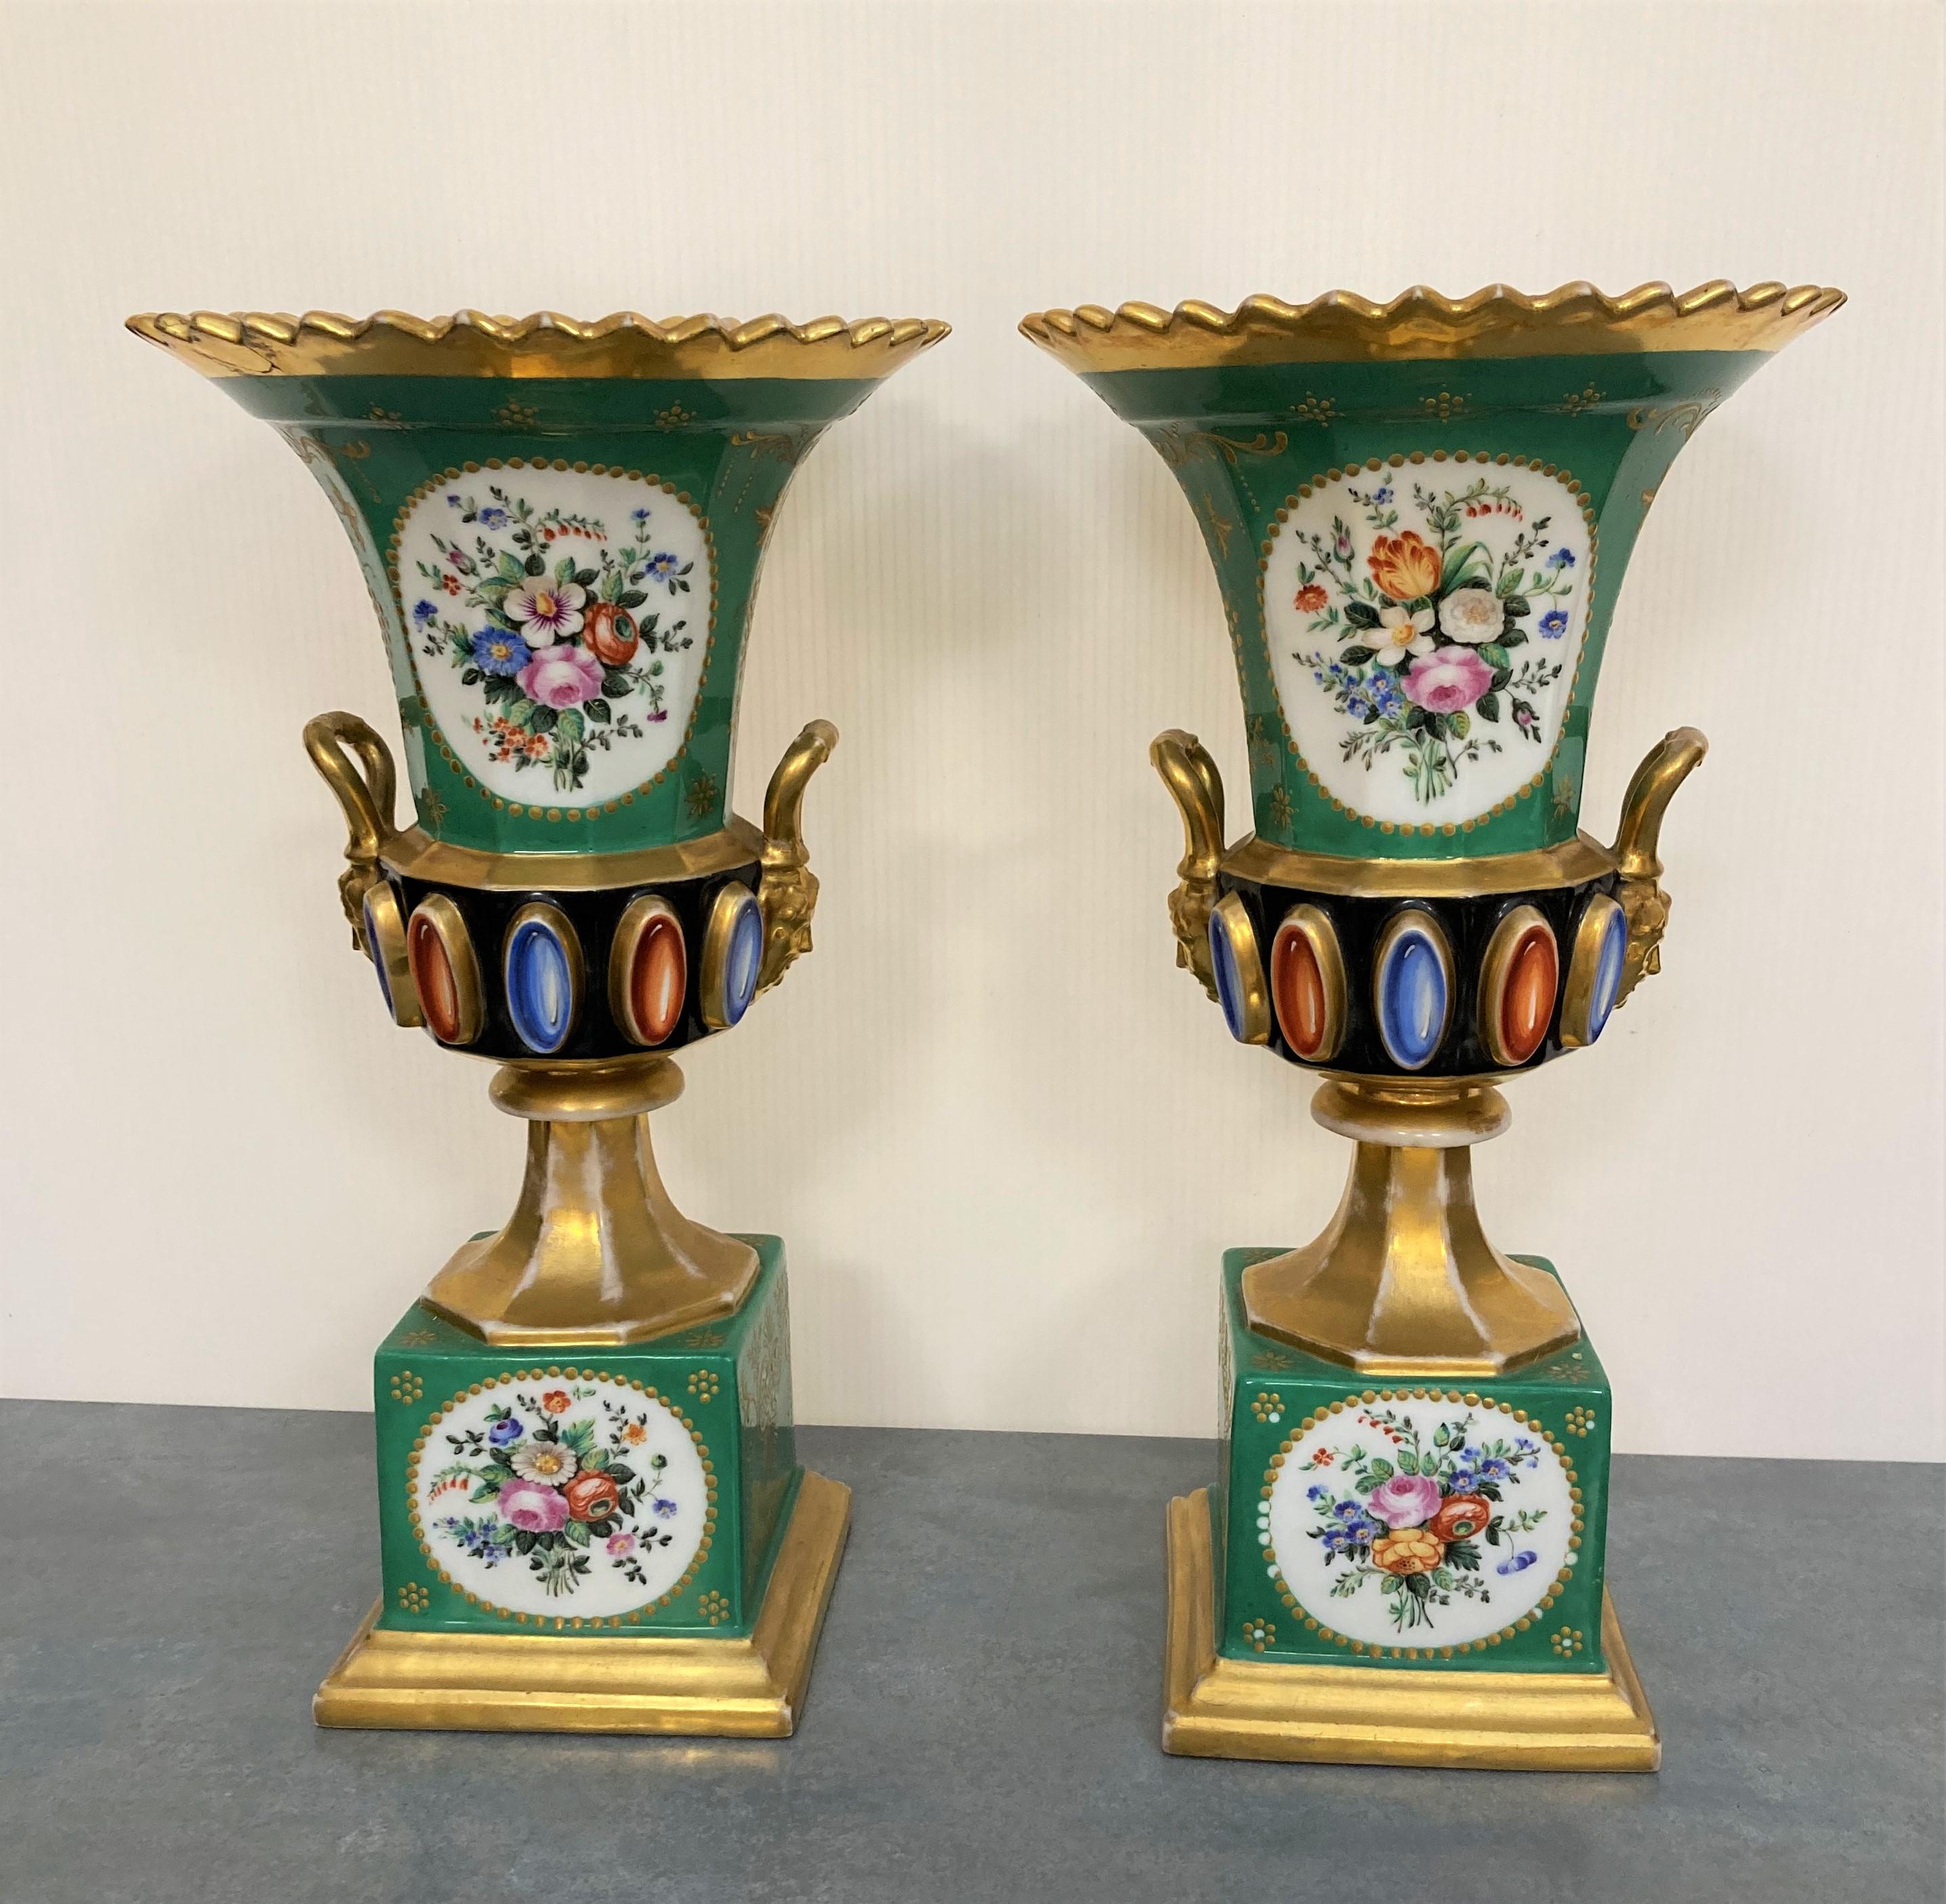 Paire de VASES en porcelaine polychrome et or ornés de motifs de fleurs et de deux portraits dans - Image 2 of 3